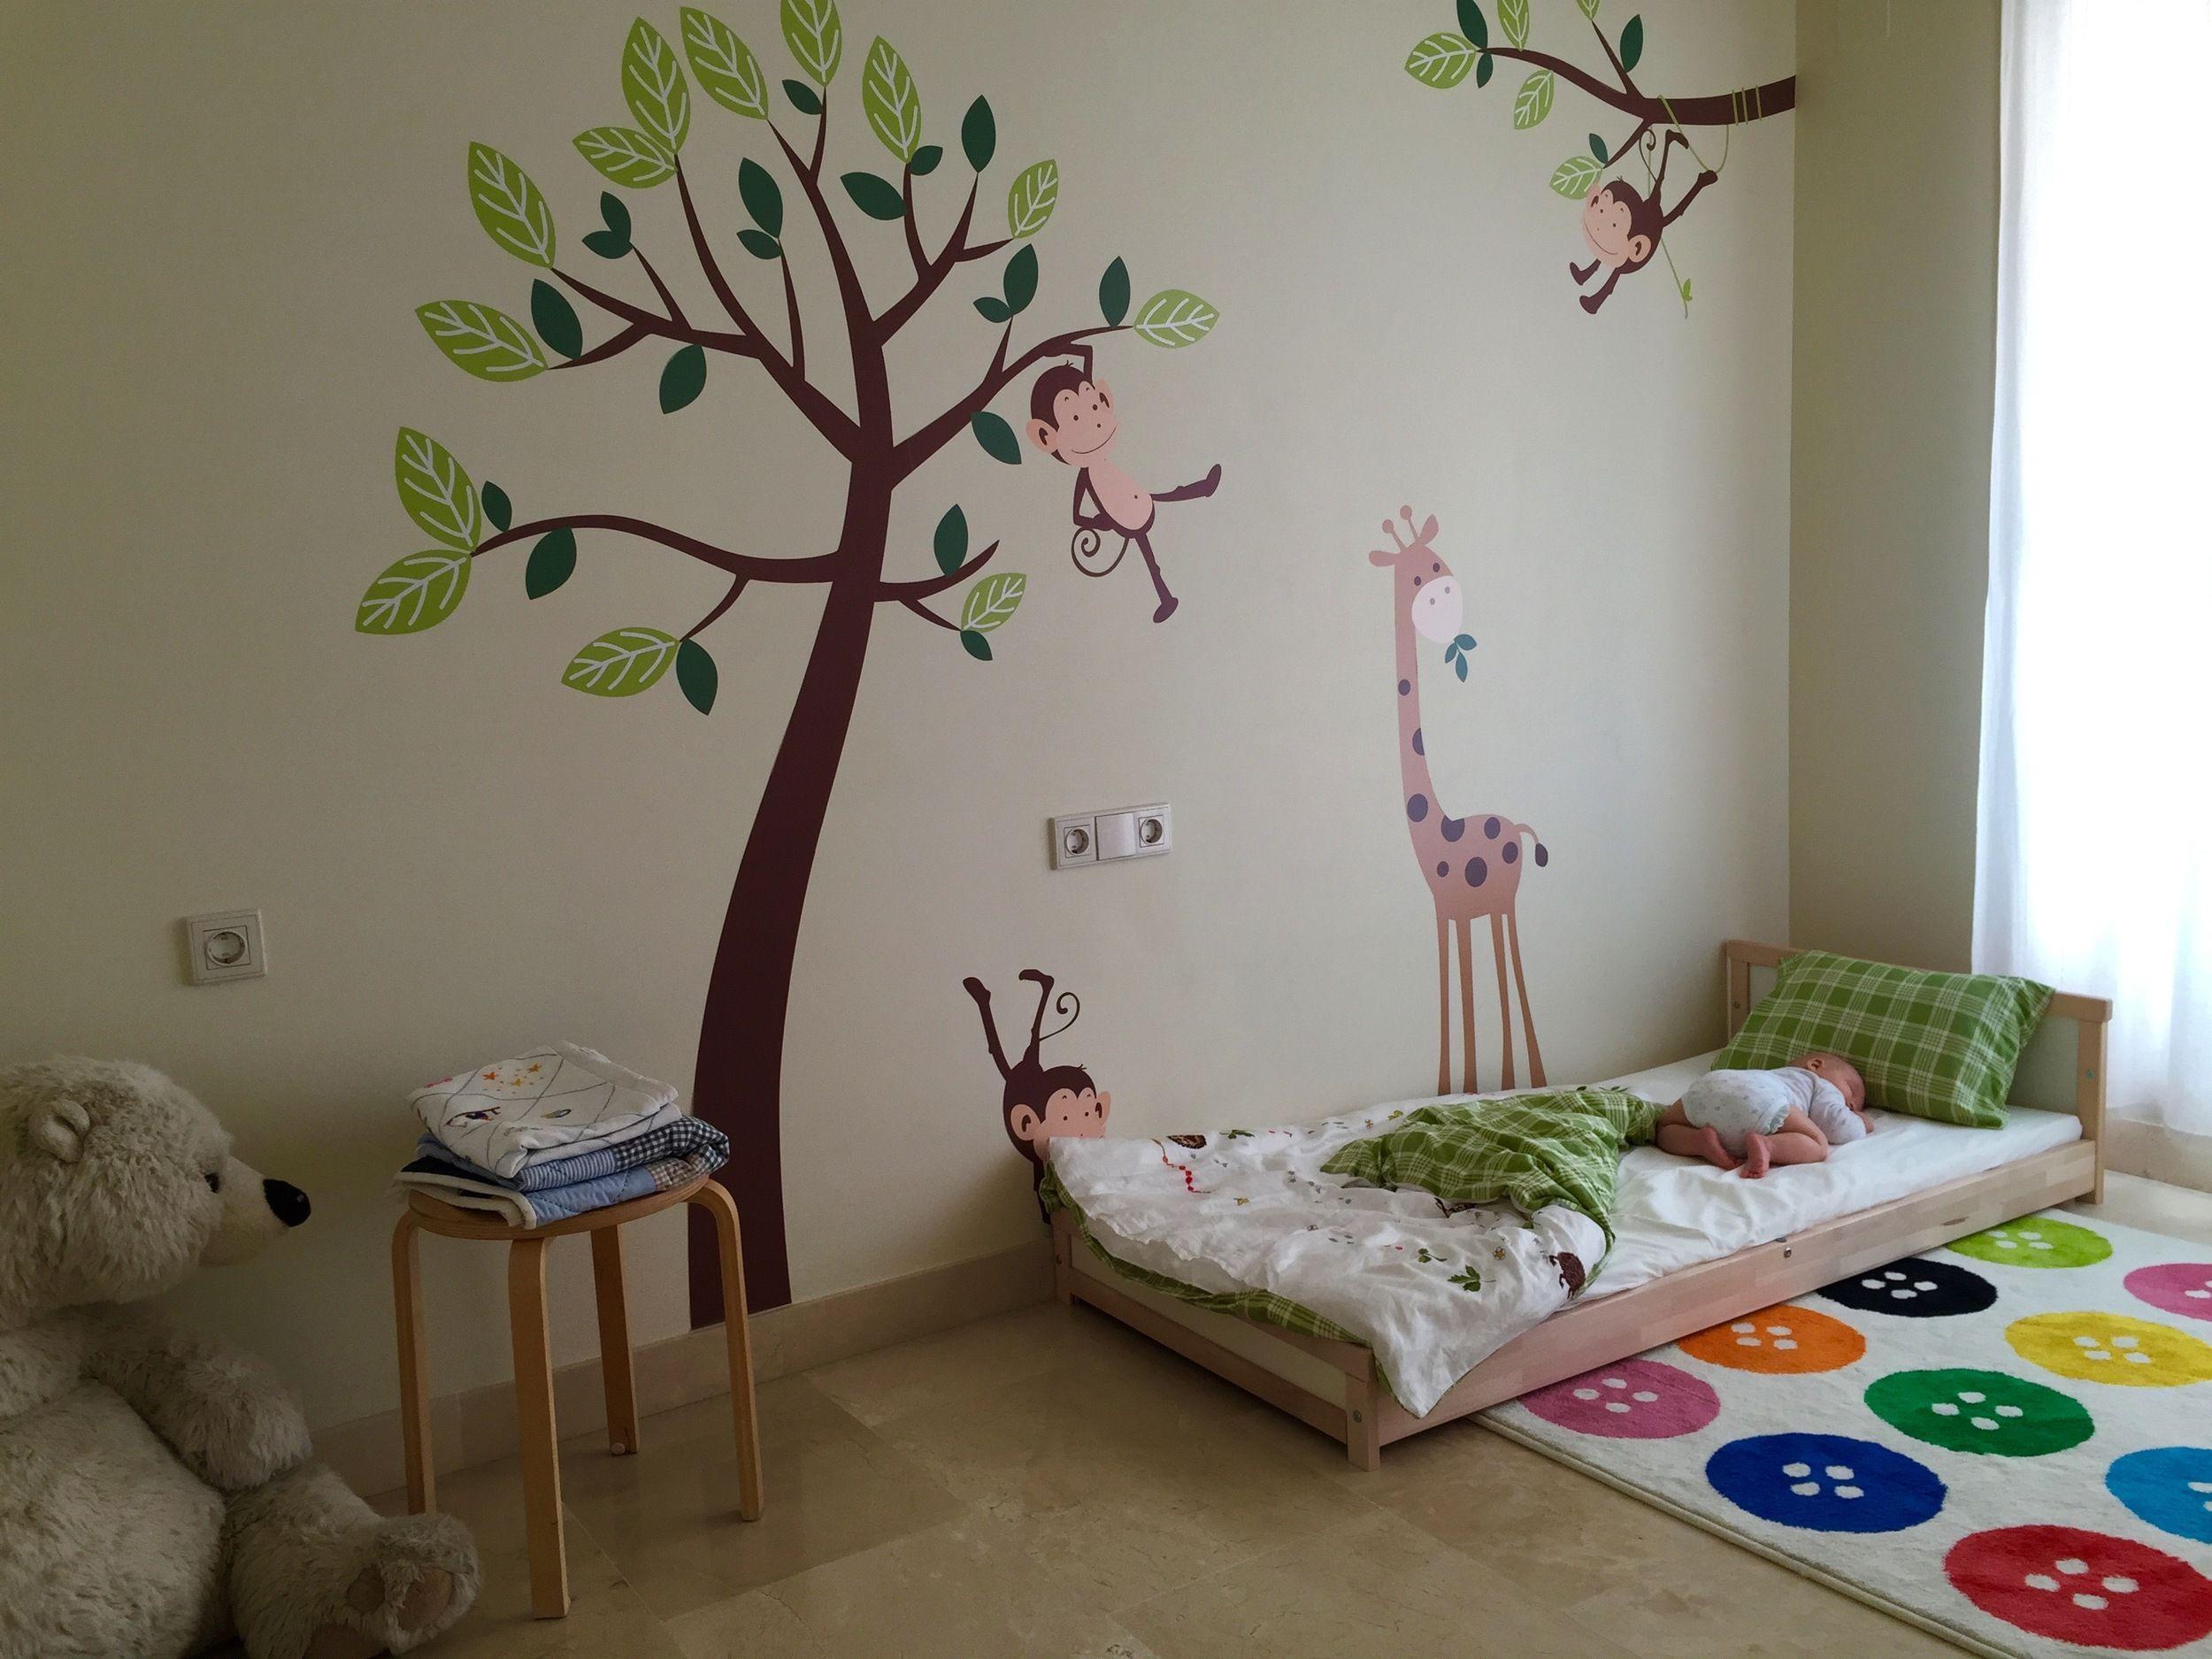 Camere Montessoriane : La cameretta montessori di oliver tutta ikea u2014 e come farla mamme